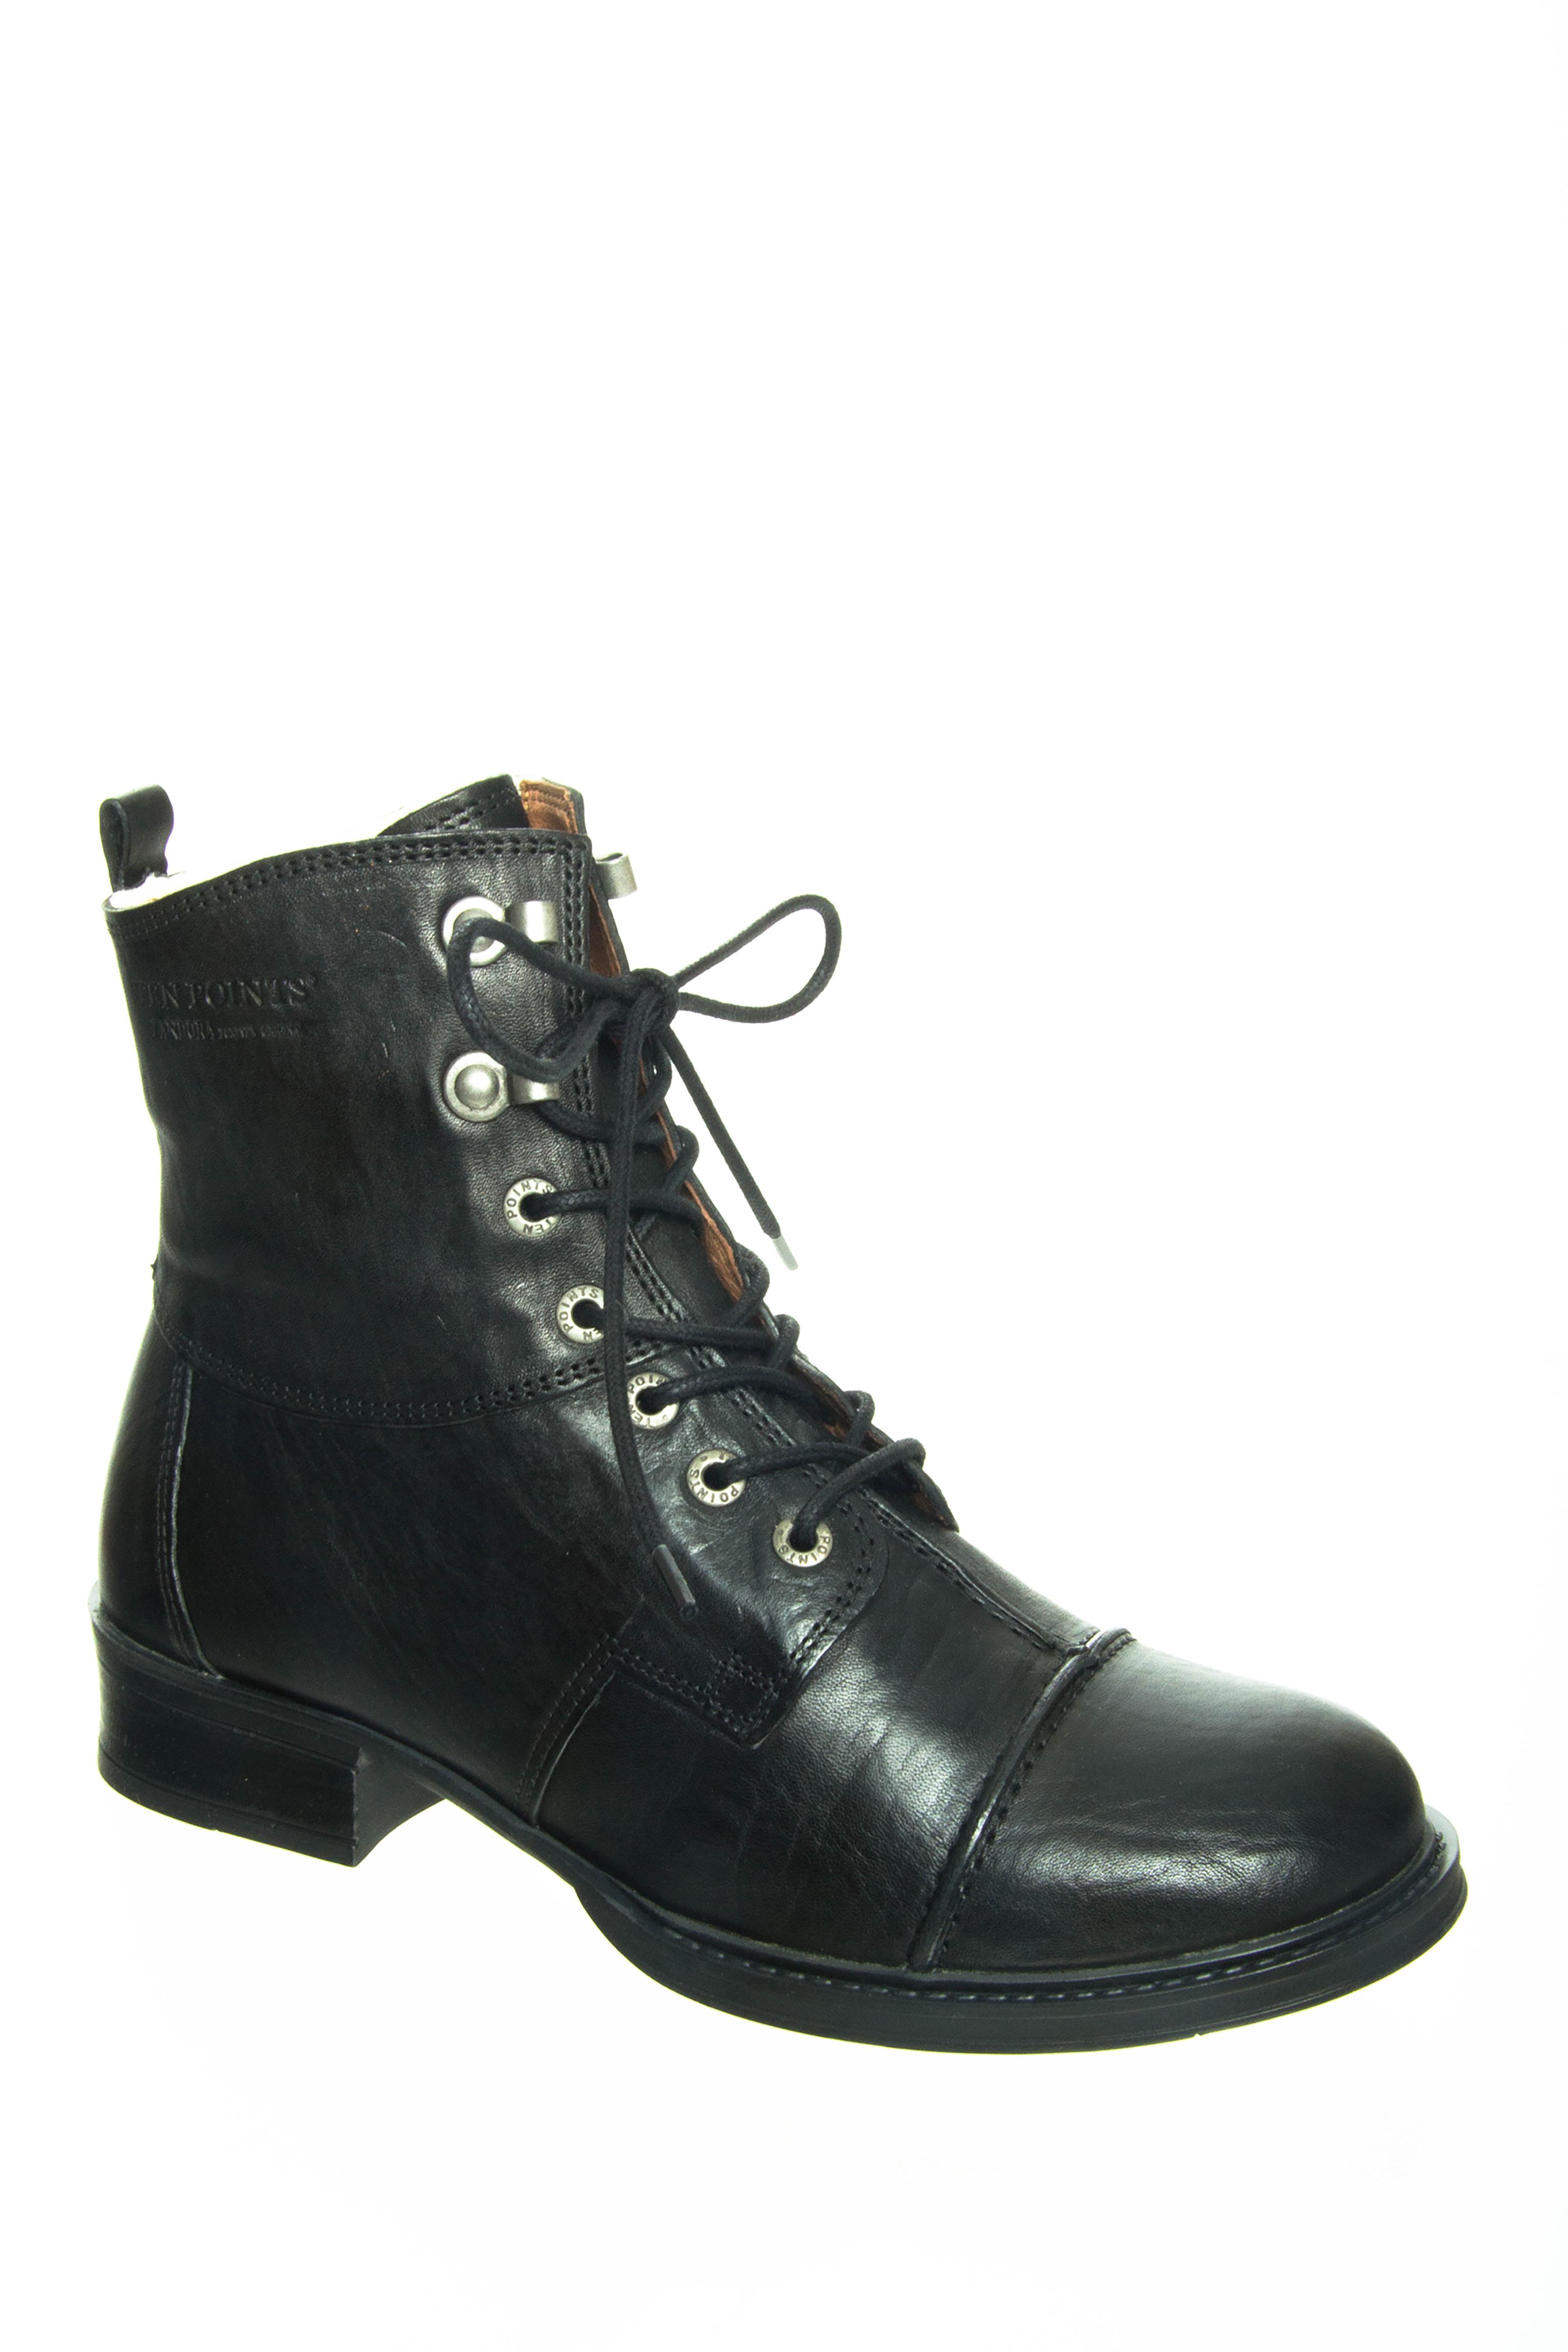 Ten Points Pandora Lined Low Heel Boots - Black